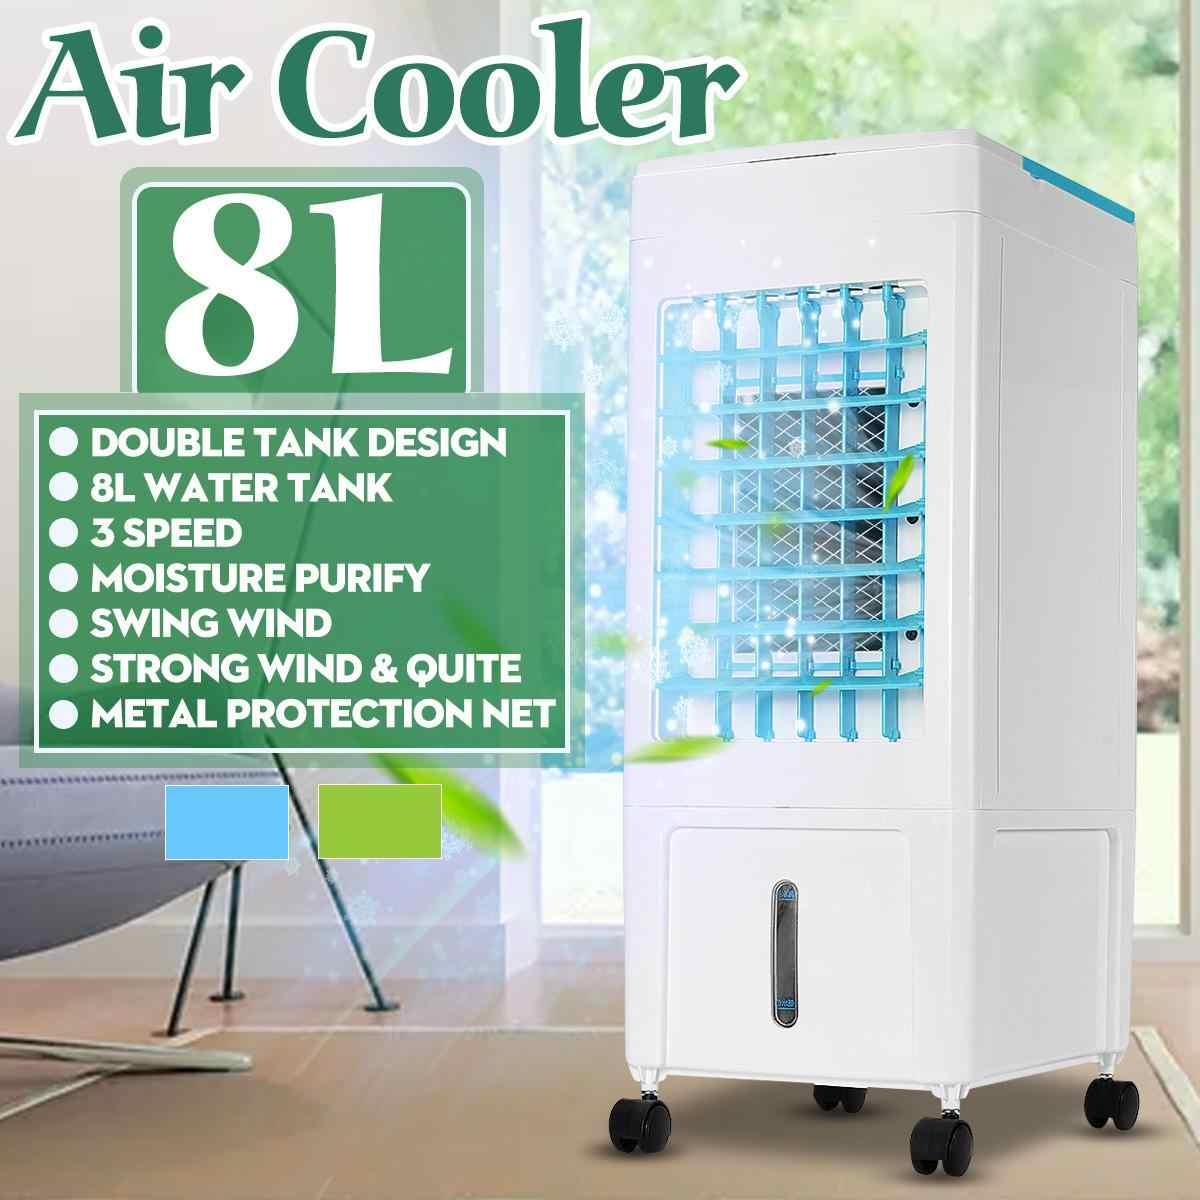 Ventilador Silencioso 3 Modos y 3 velocidades oscilante 65W Humidificador,Purificador Temporizador OZEANOS Climatizador evaporativo con Mando a Distancia dep/ósito 10.8 l 2 Cajas Hielo